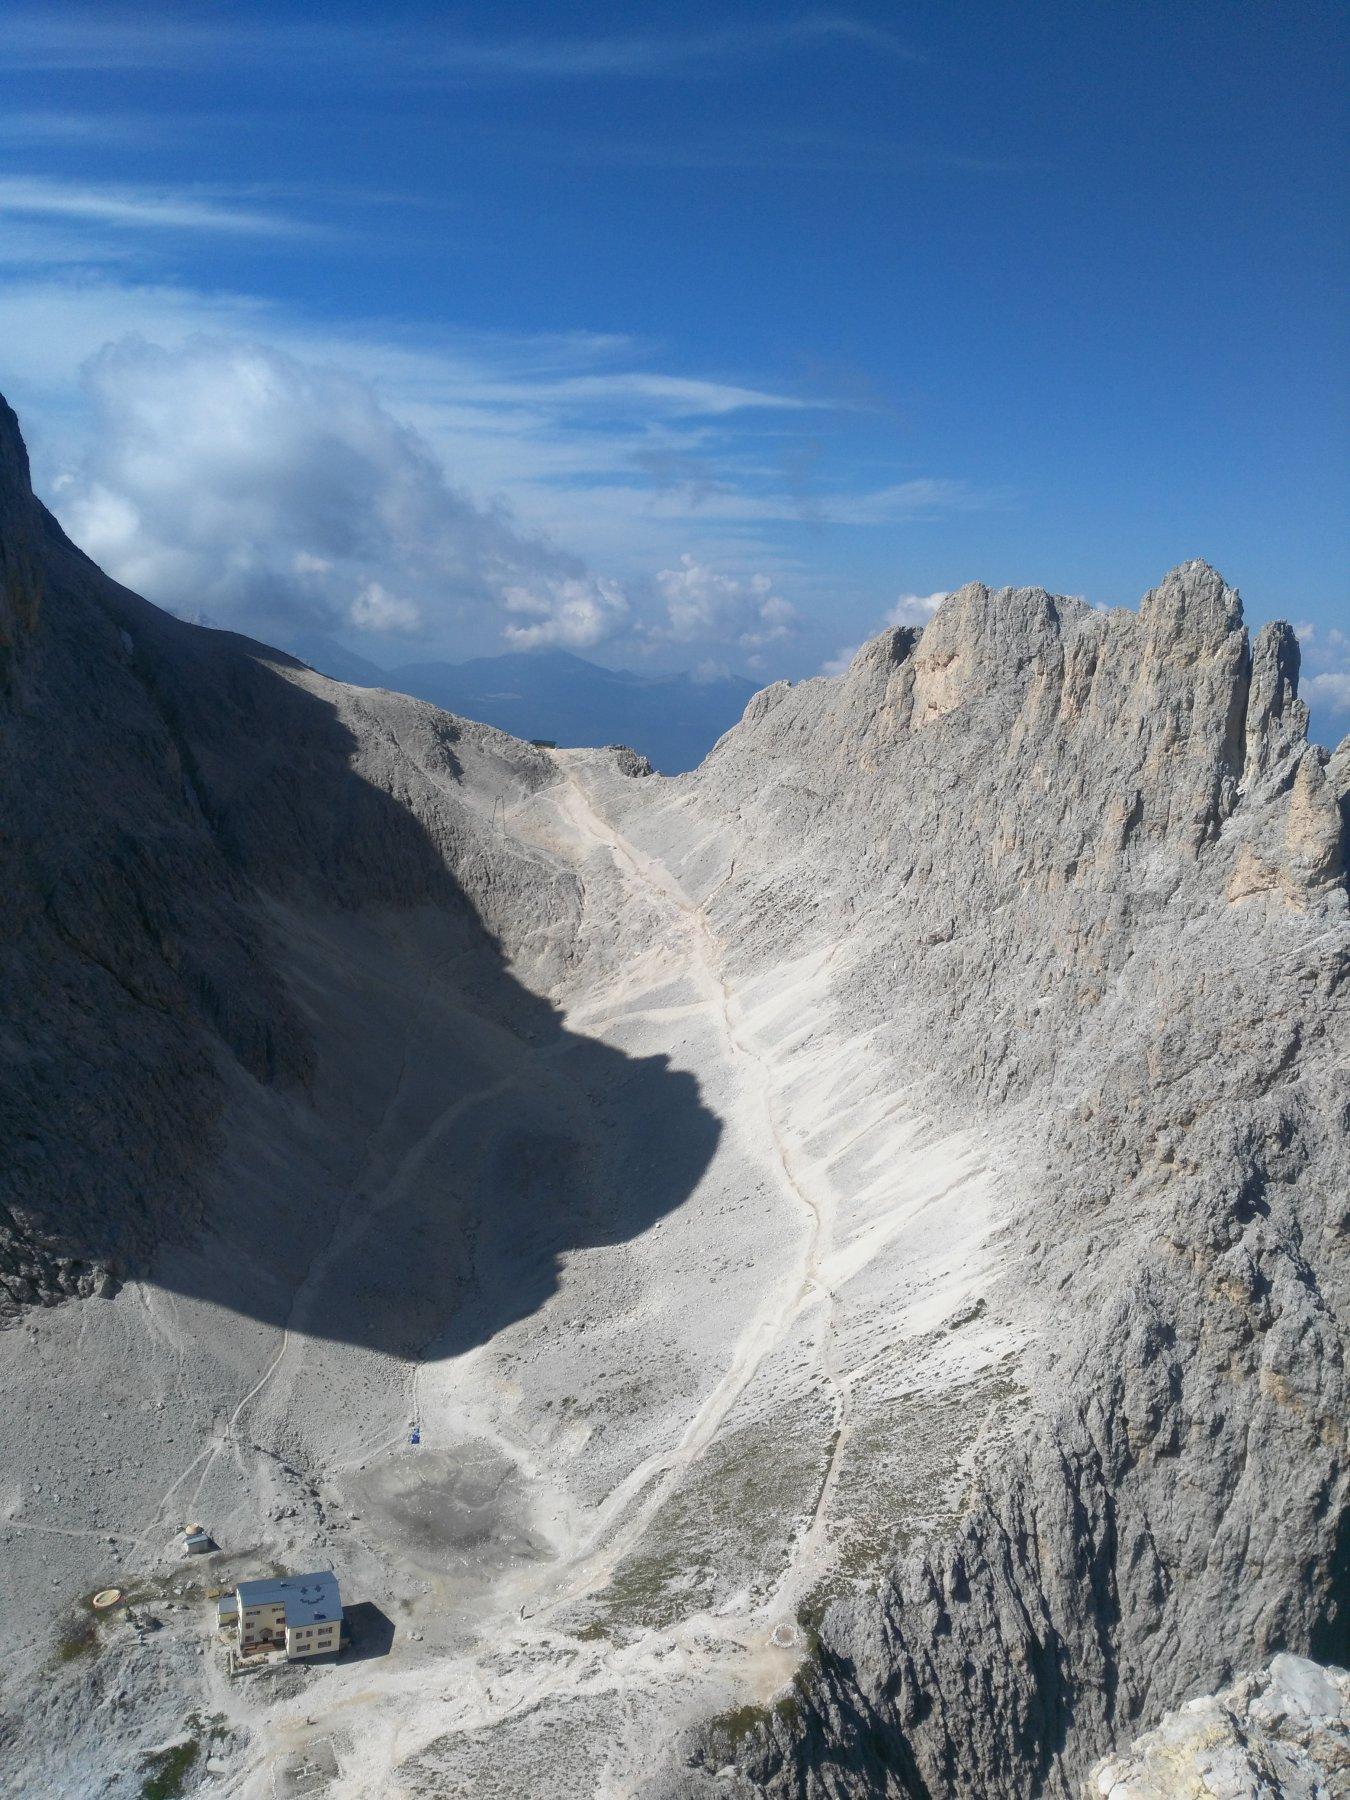 Dalla cima: da dx a sx la Croda di Re Laurino, il passo Santner e i primi pendii della parete Ovest (quella semplice) del Catinaccio di cui si vede l'ombra... sotto il Re Alberto